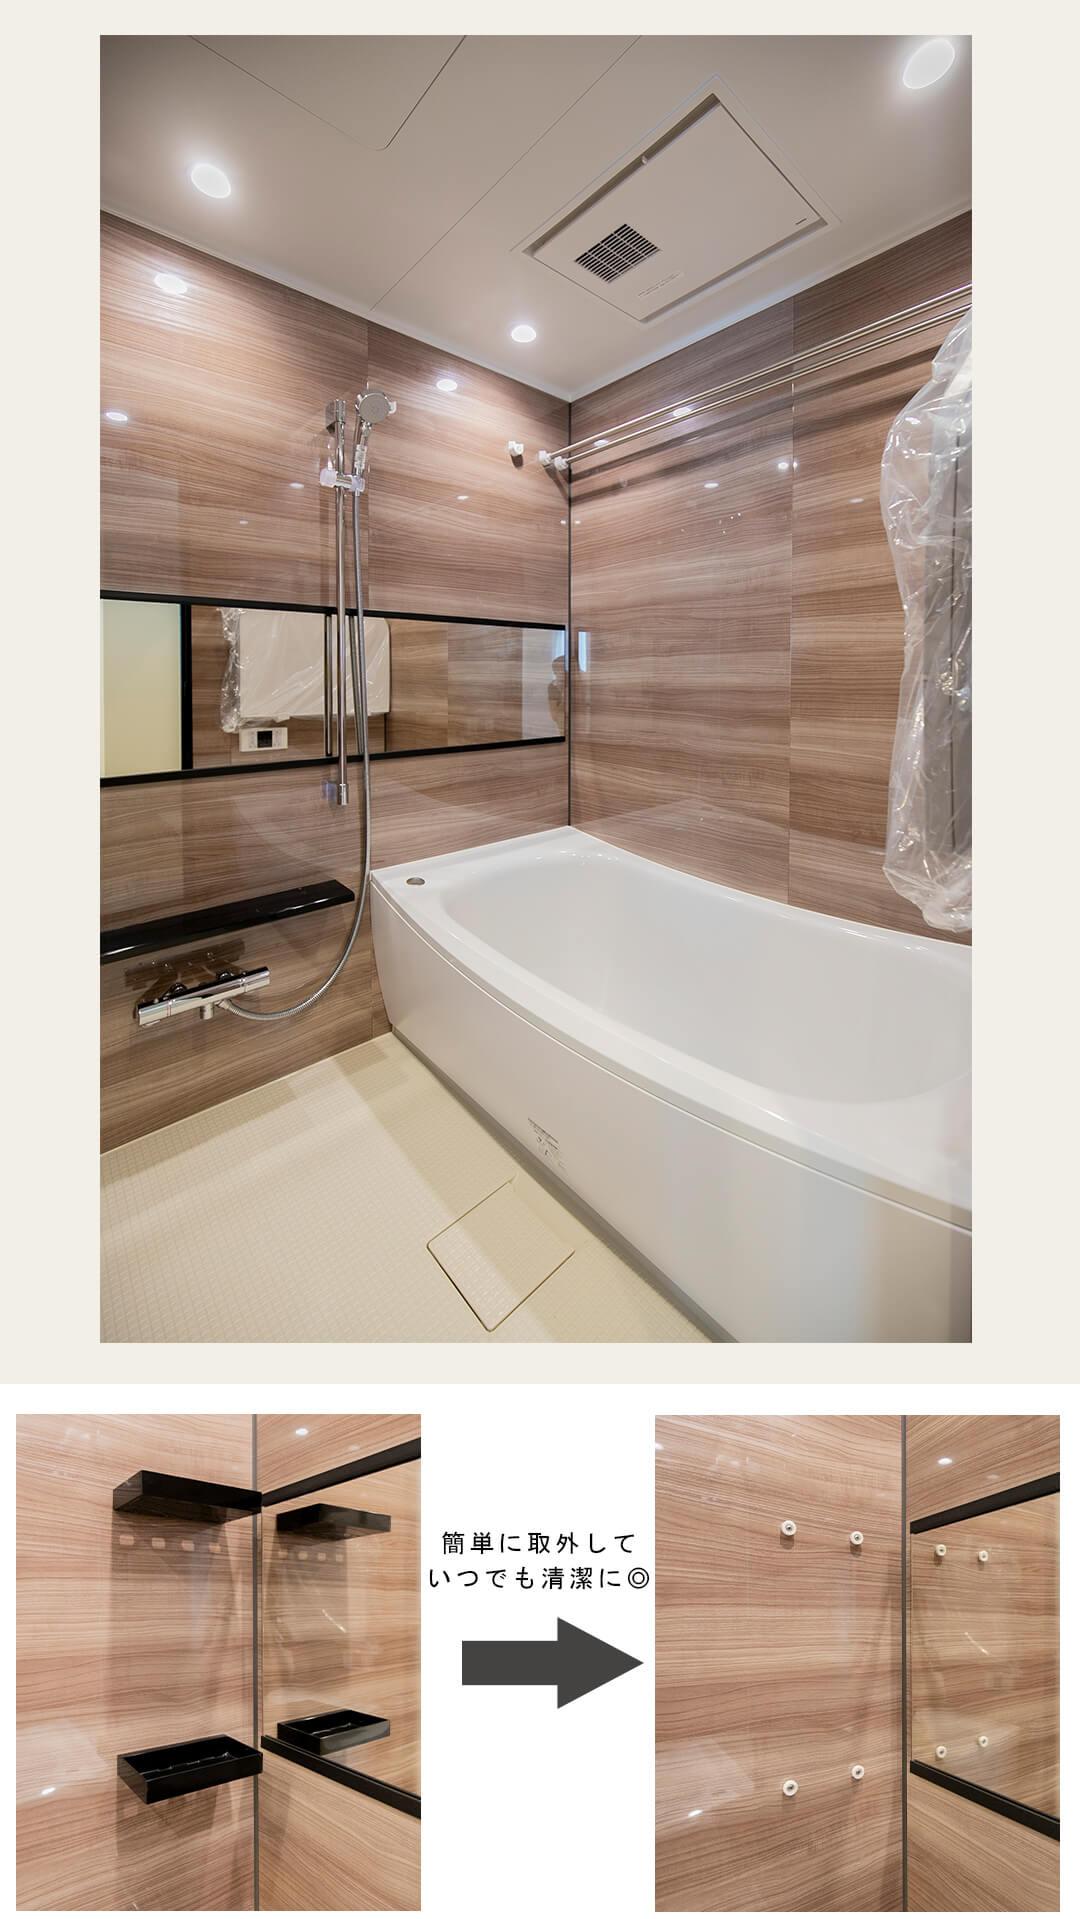 目白フラワーハイホームの浴室